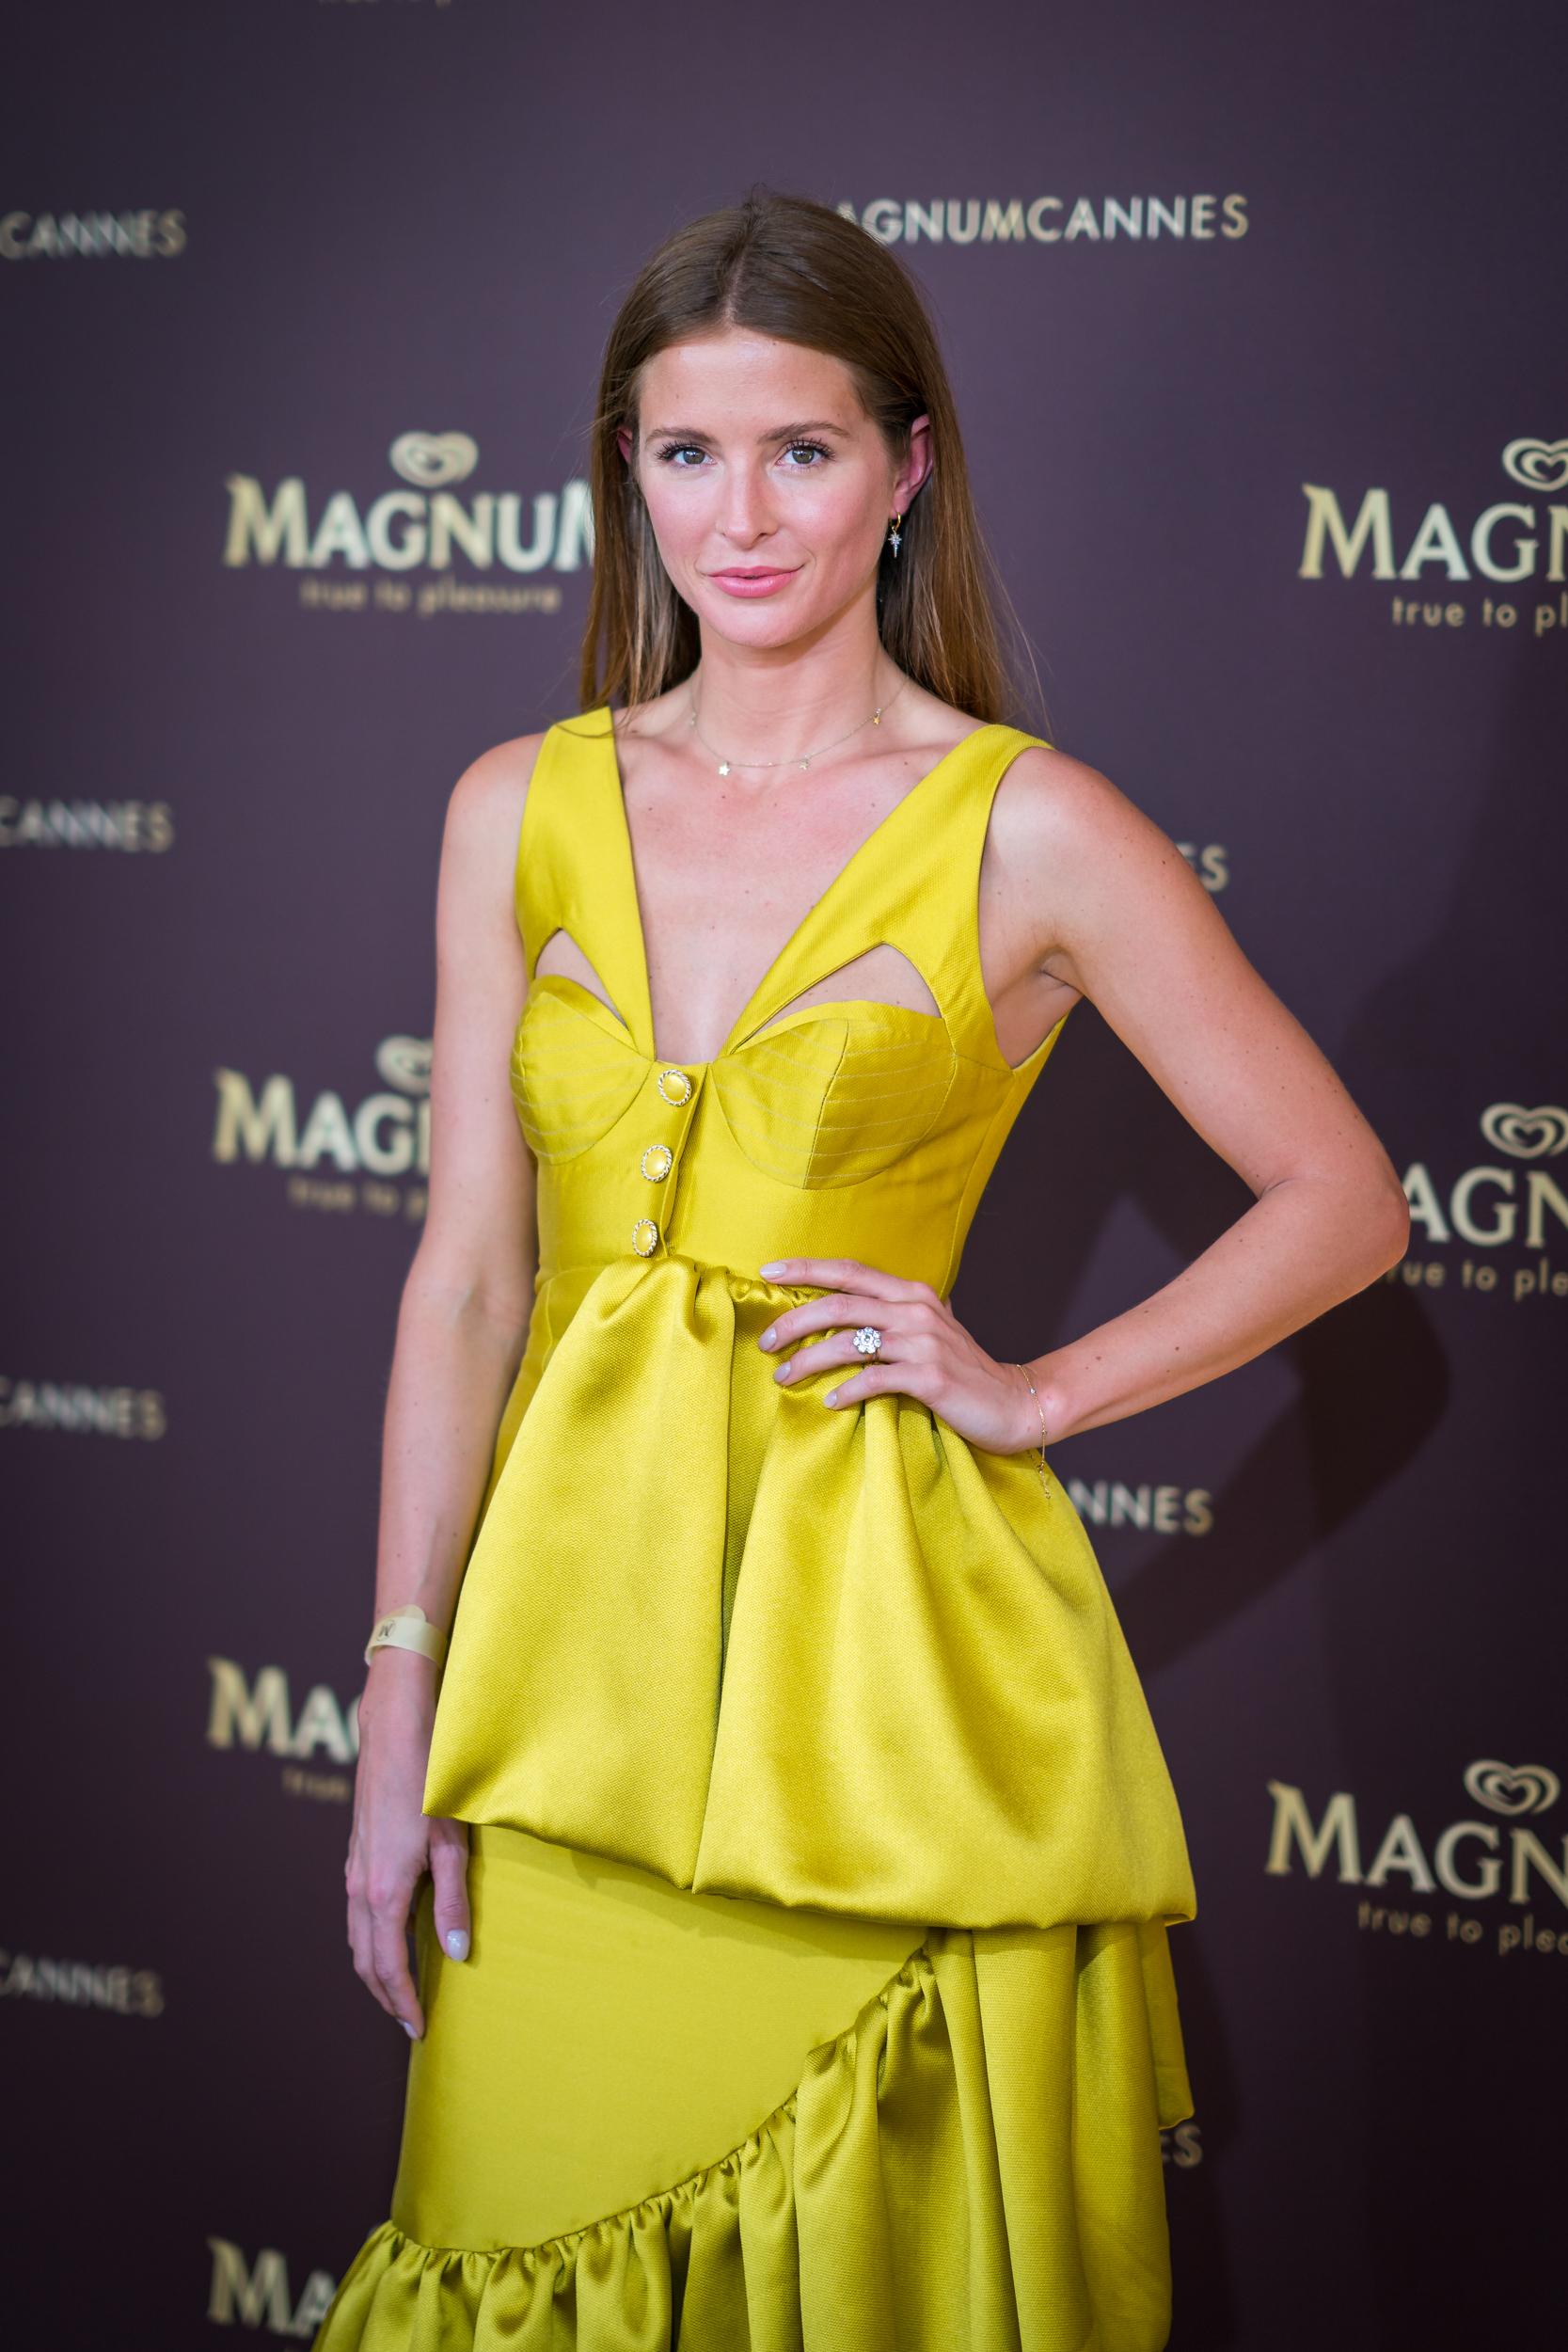 Magnum Cannes 2019_Florian Leger_HD_N°-442.jpg